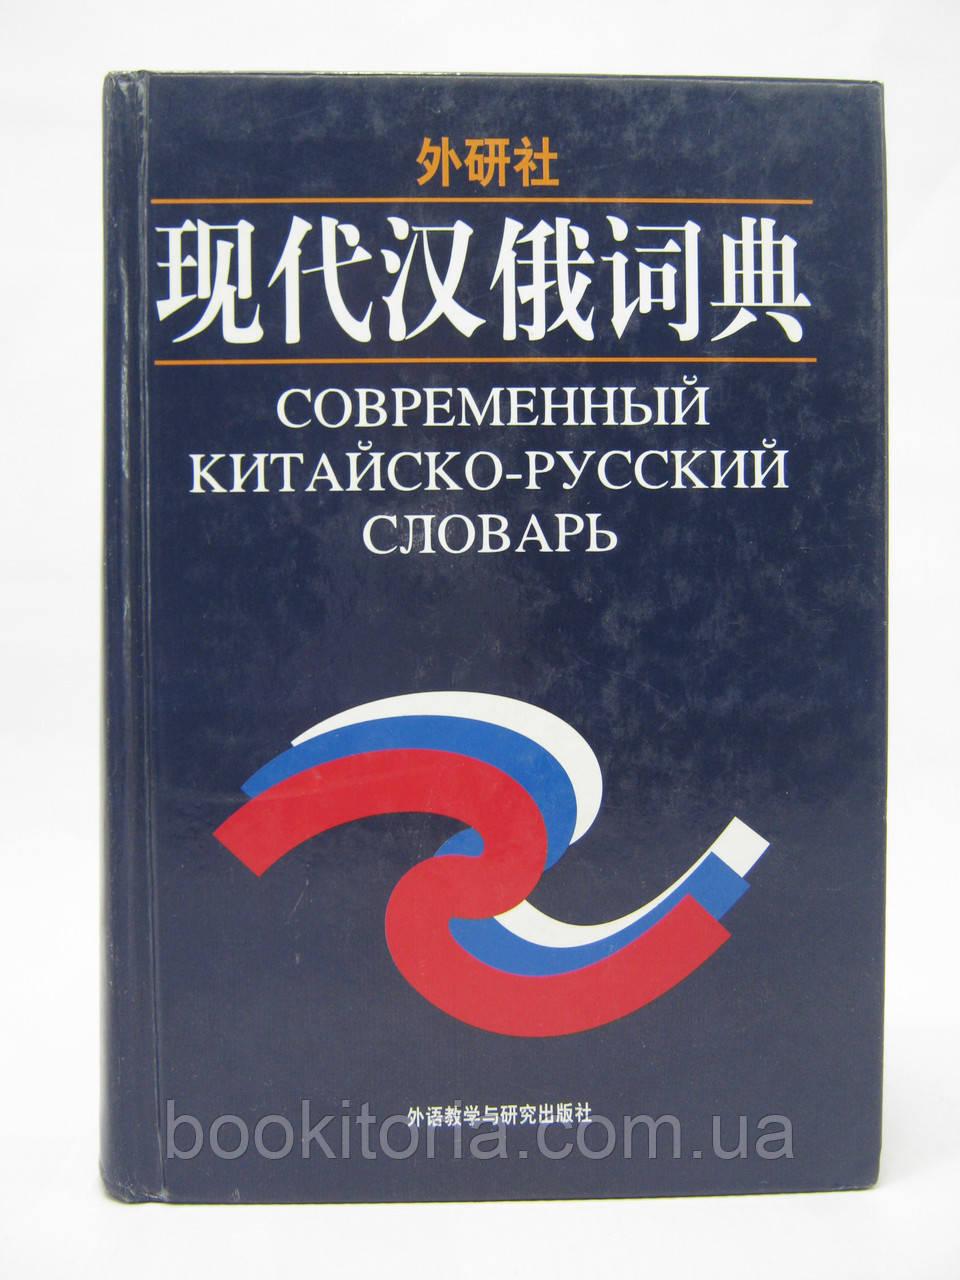 Современный китайско-русский словарь (б/у).